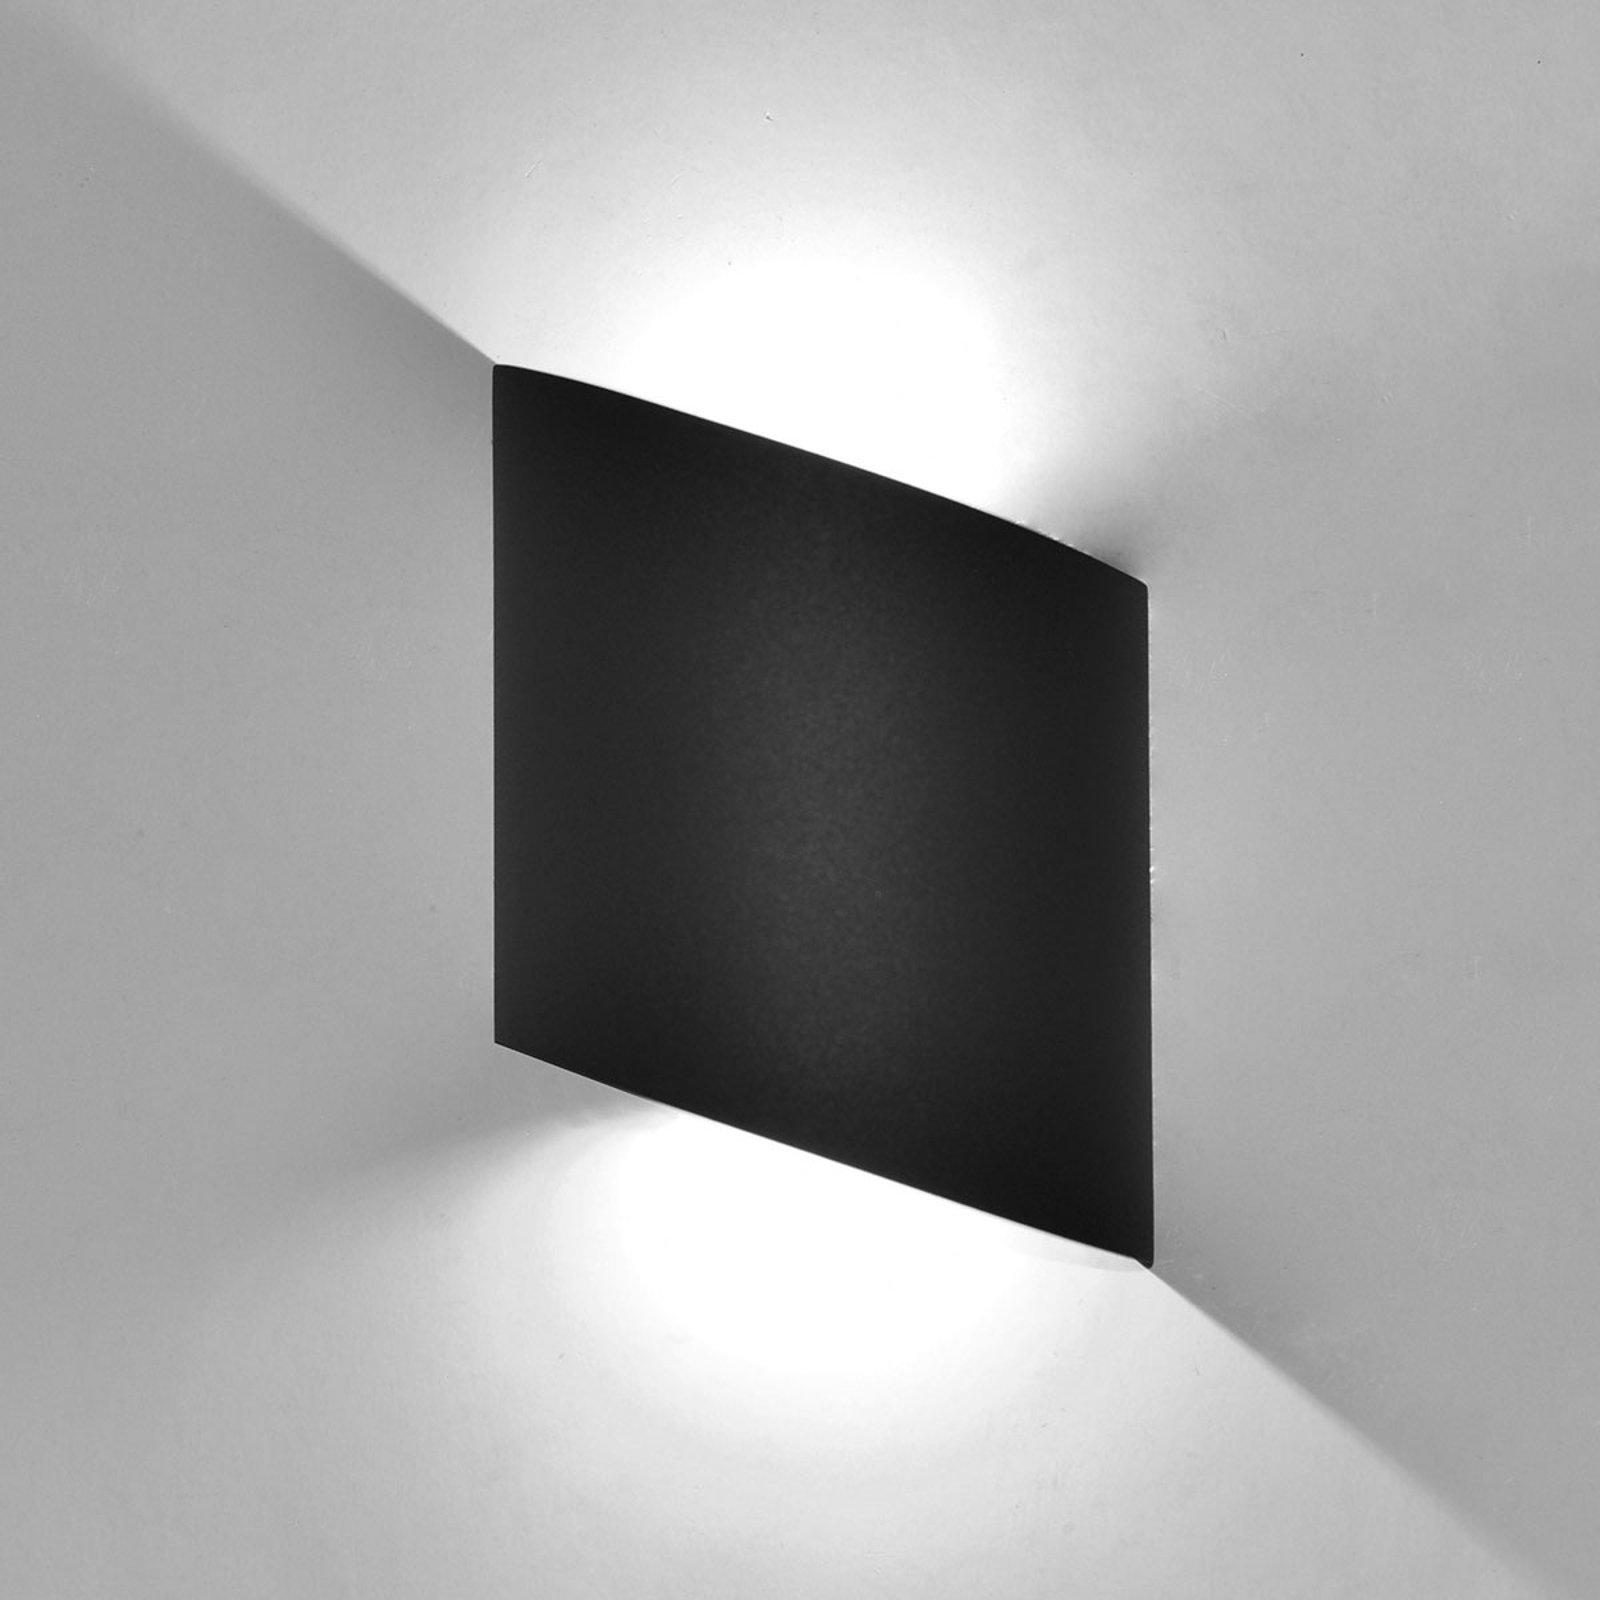 Utendørs LED-vegglampe Sochi i mørkegrått